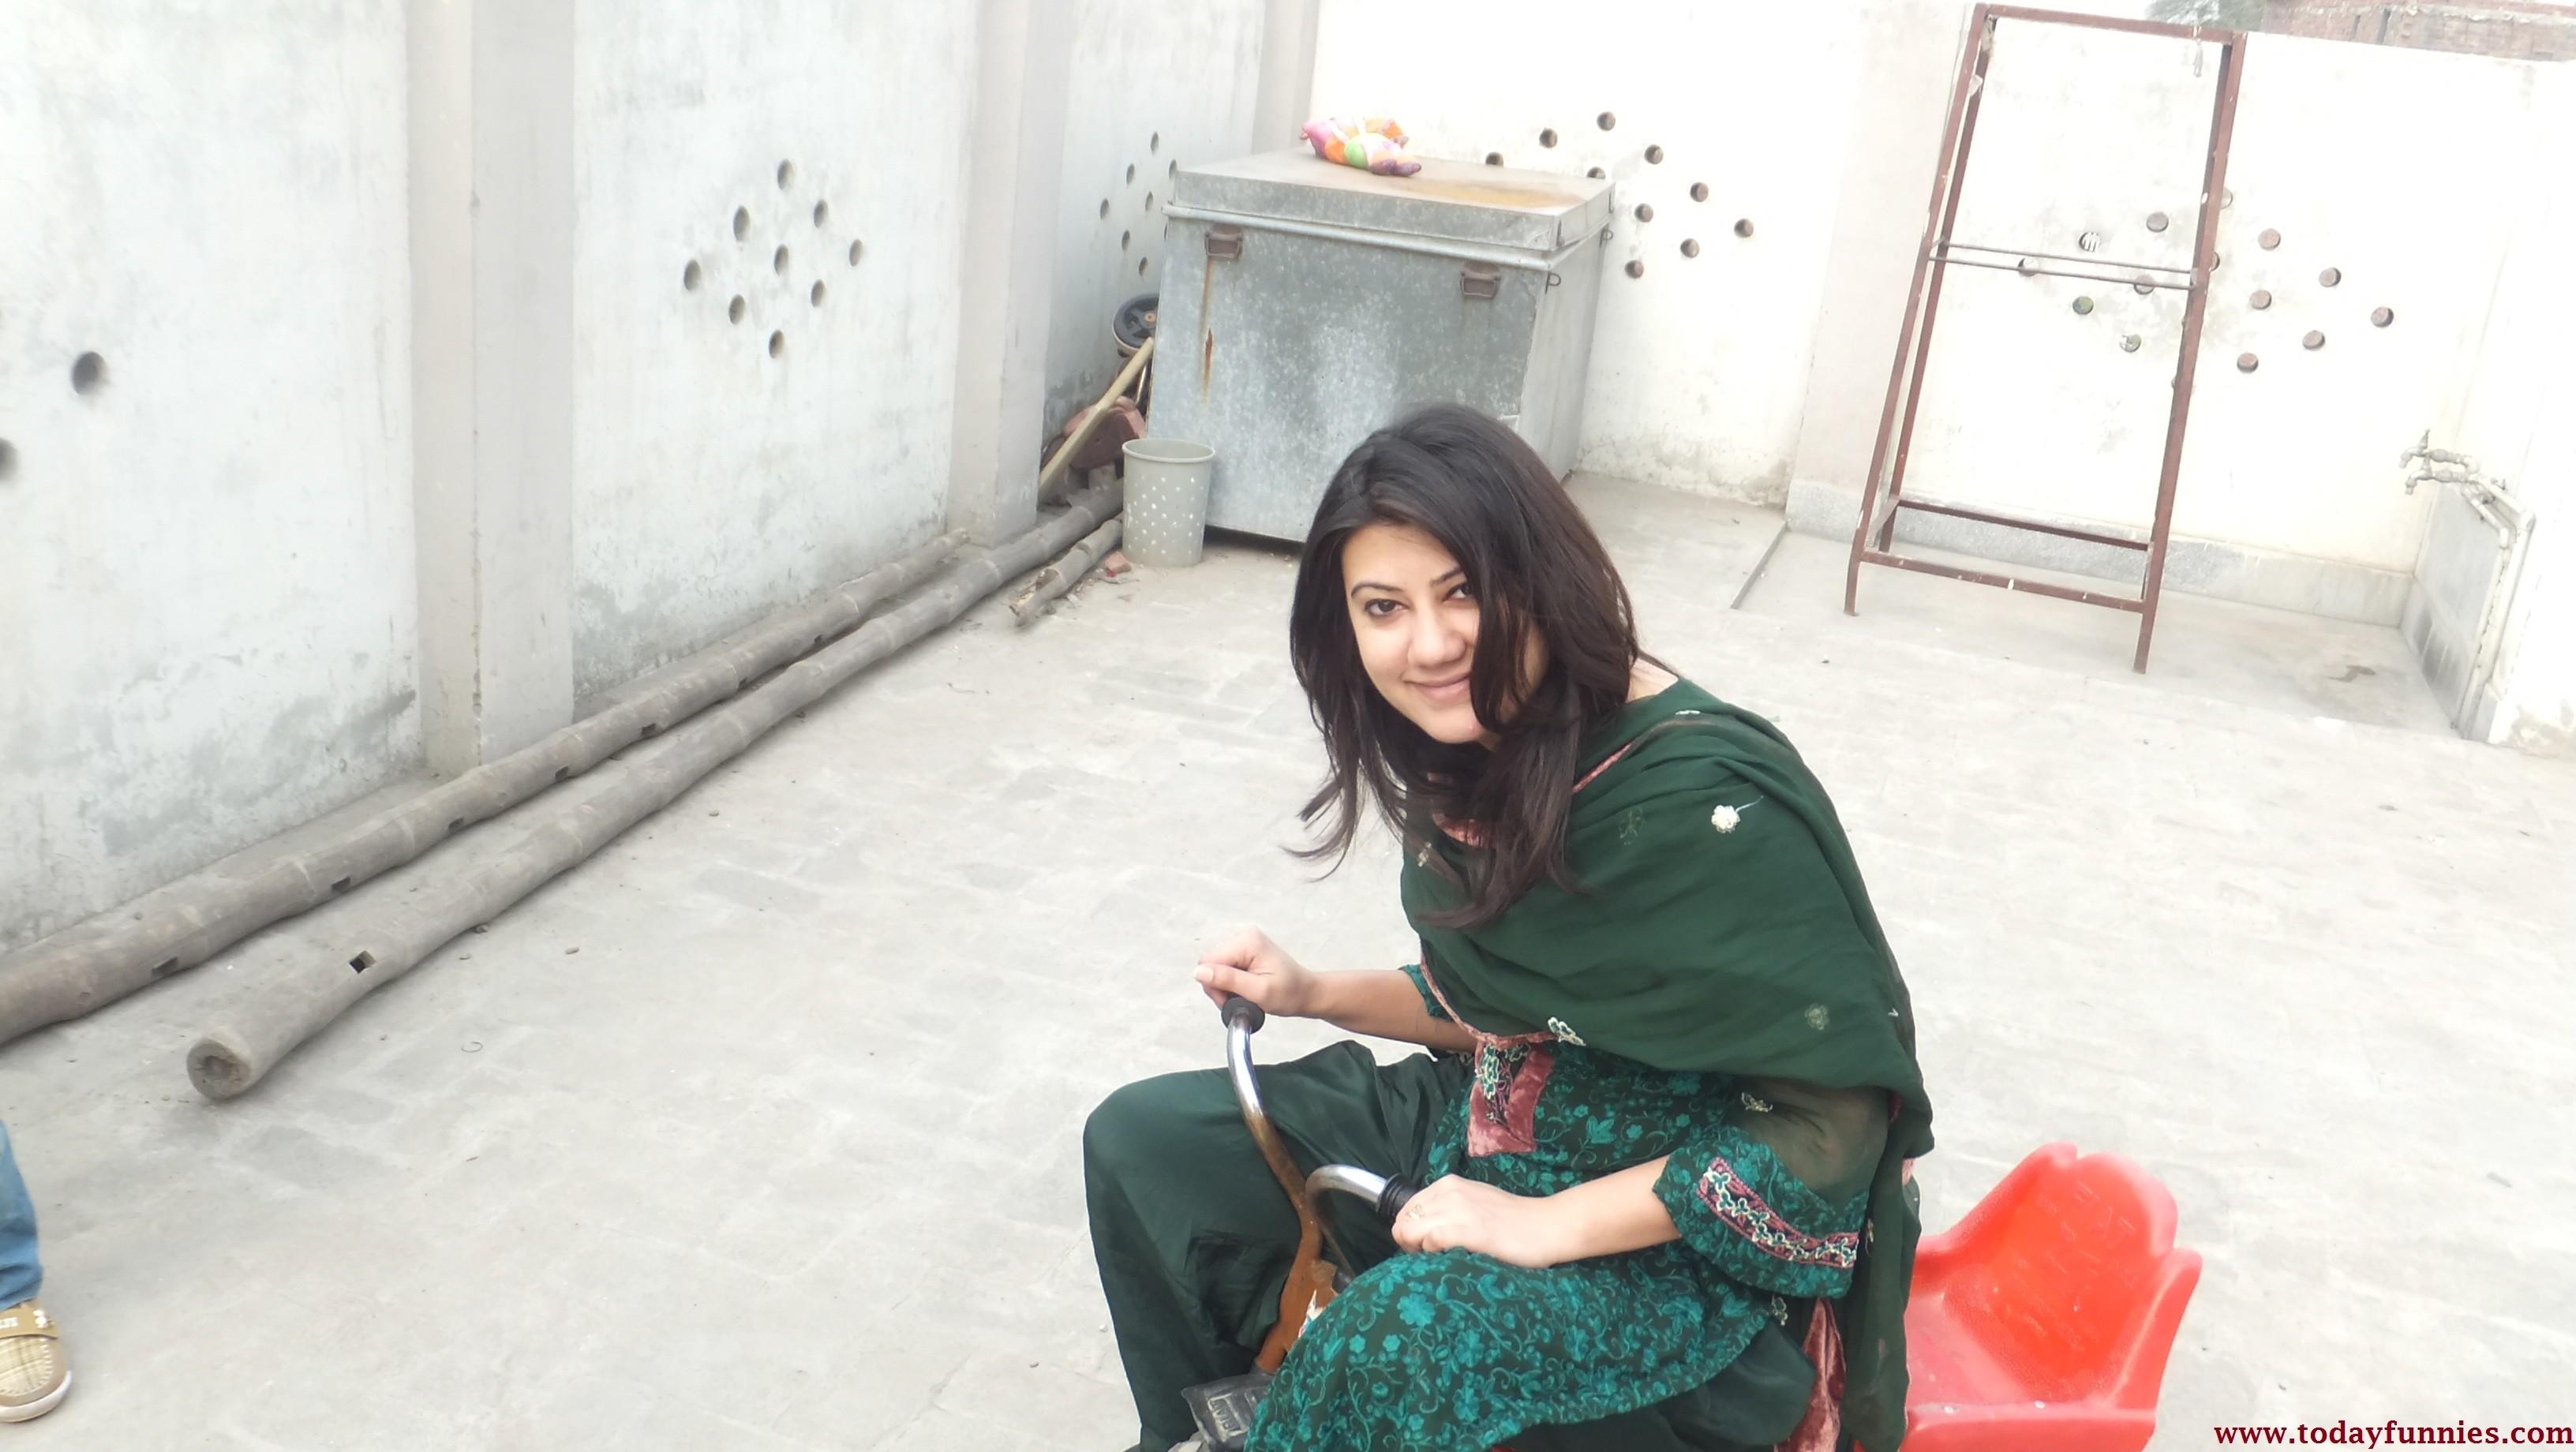 پاکستانی لڑکی بچگانہ سائیکل چلا رہی ہے This Is Very Humor Picture Of A  Beaut.